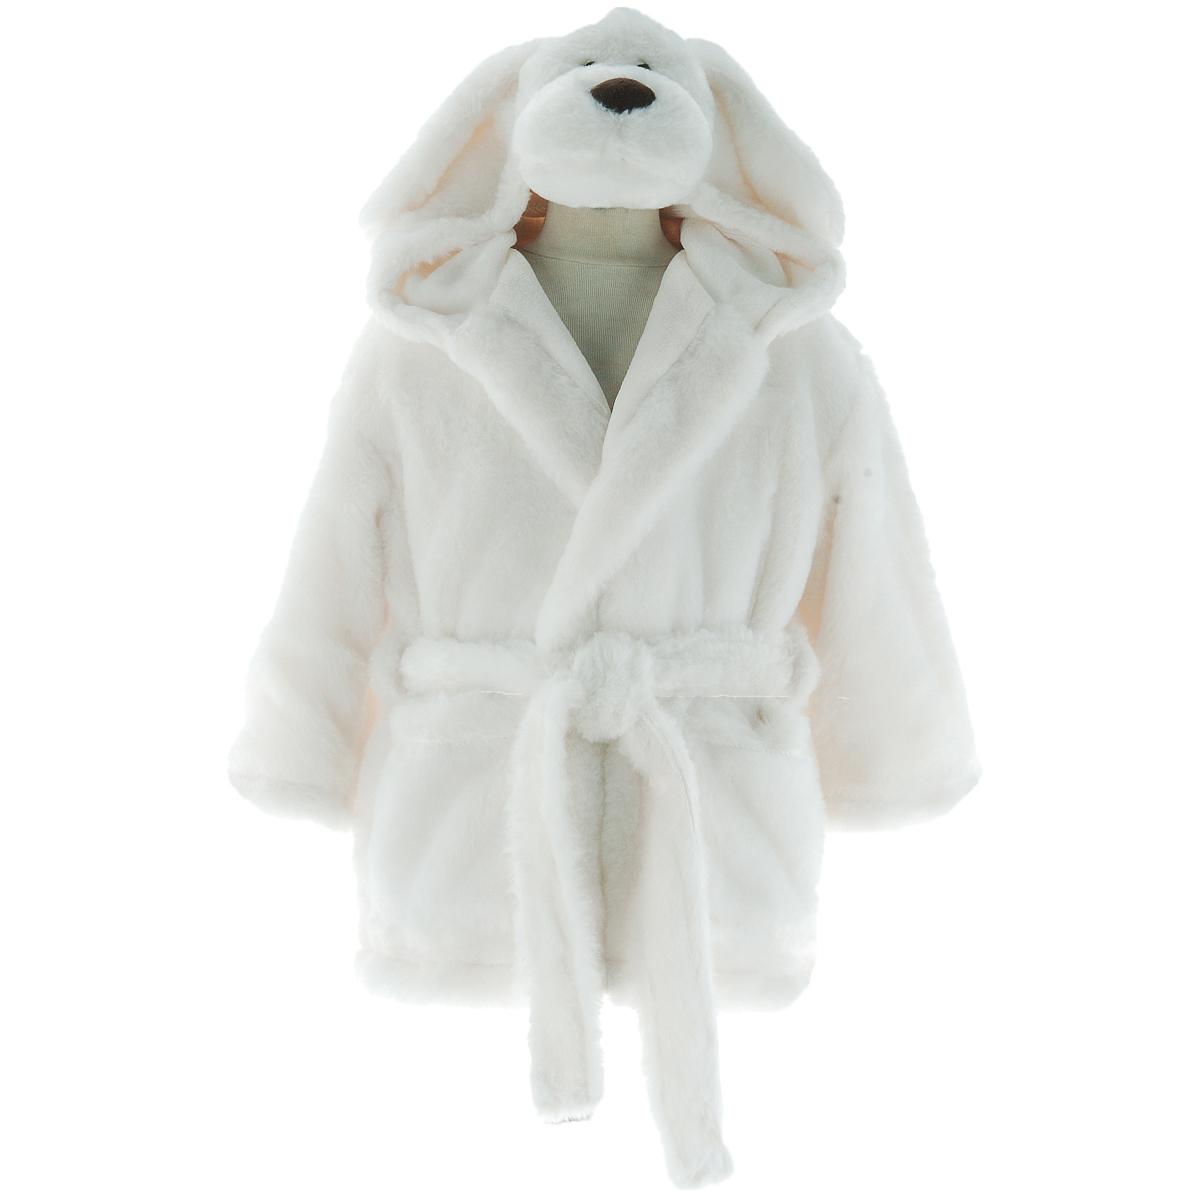 peignoir enfant polaire t te de toutou blanc cass homemaison vente en ligne peignoirs. Black Bedroom Furniture Sets. Home Design Ideas